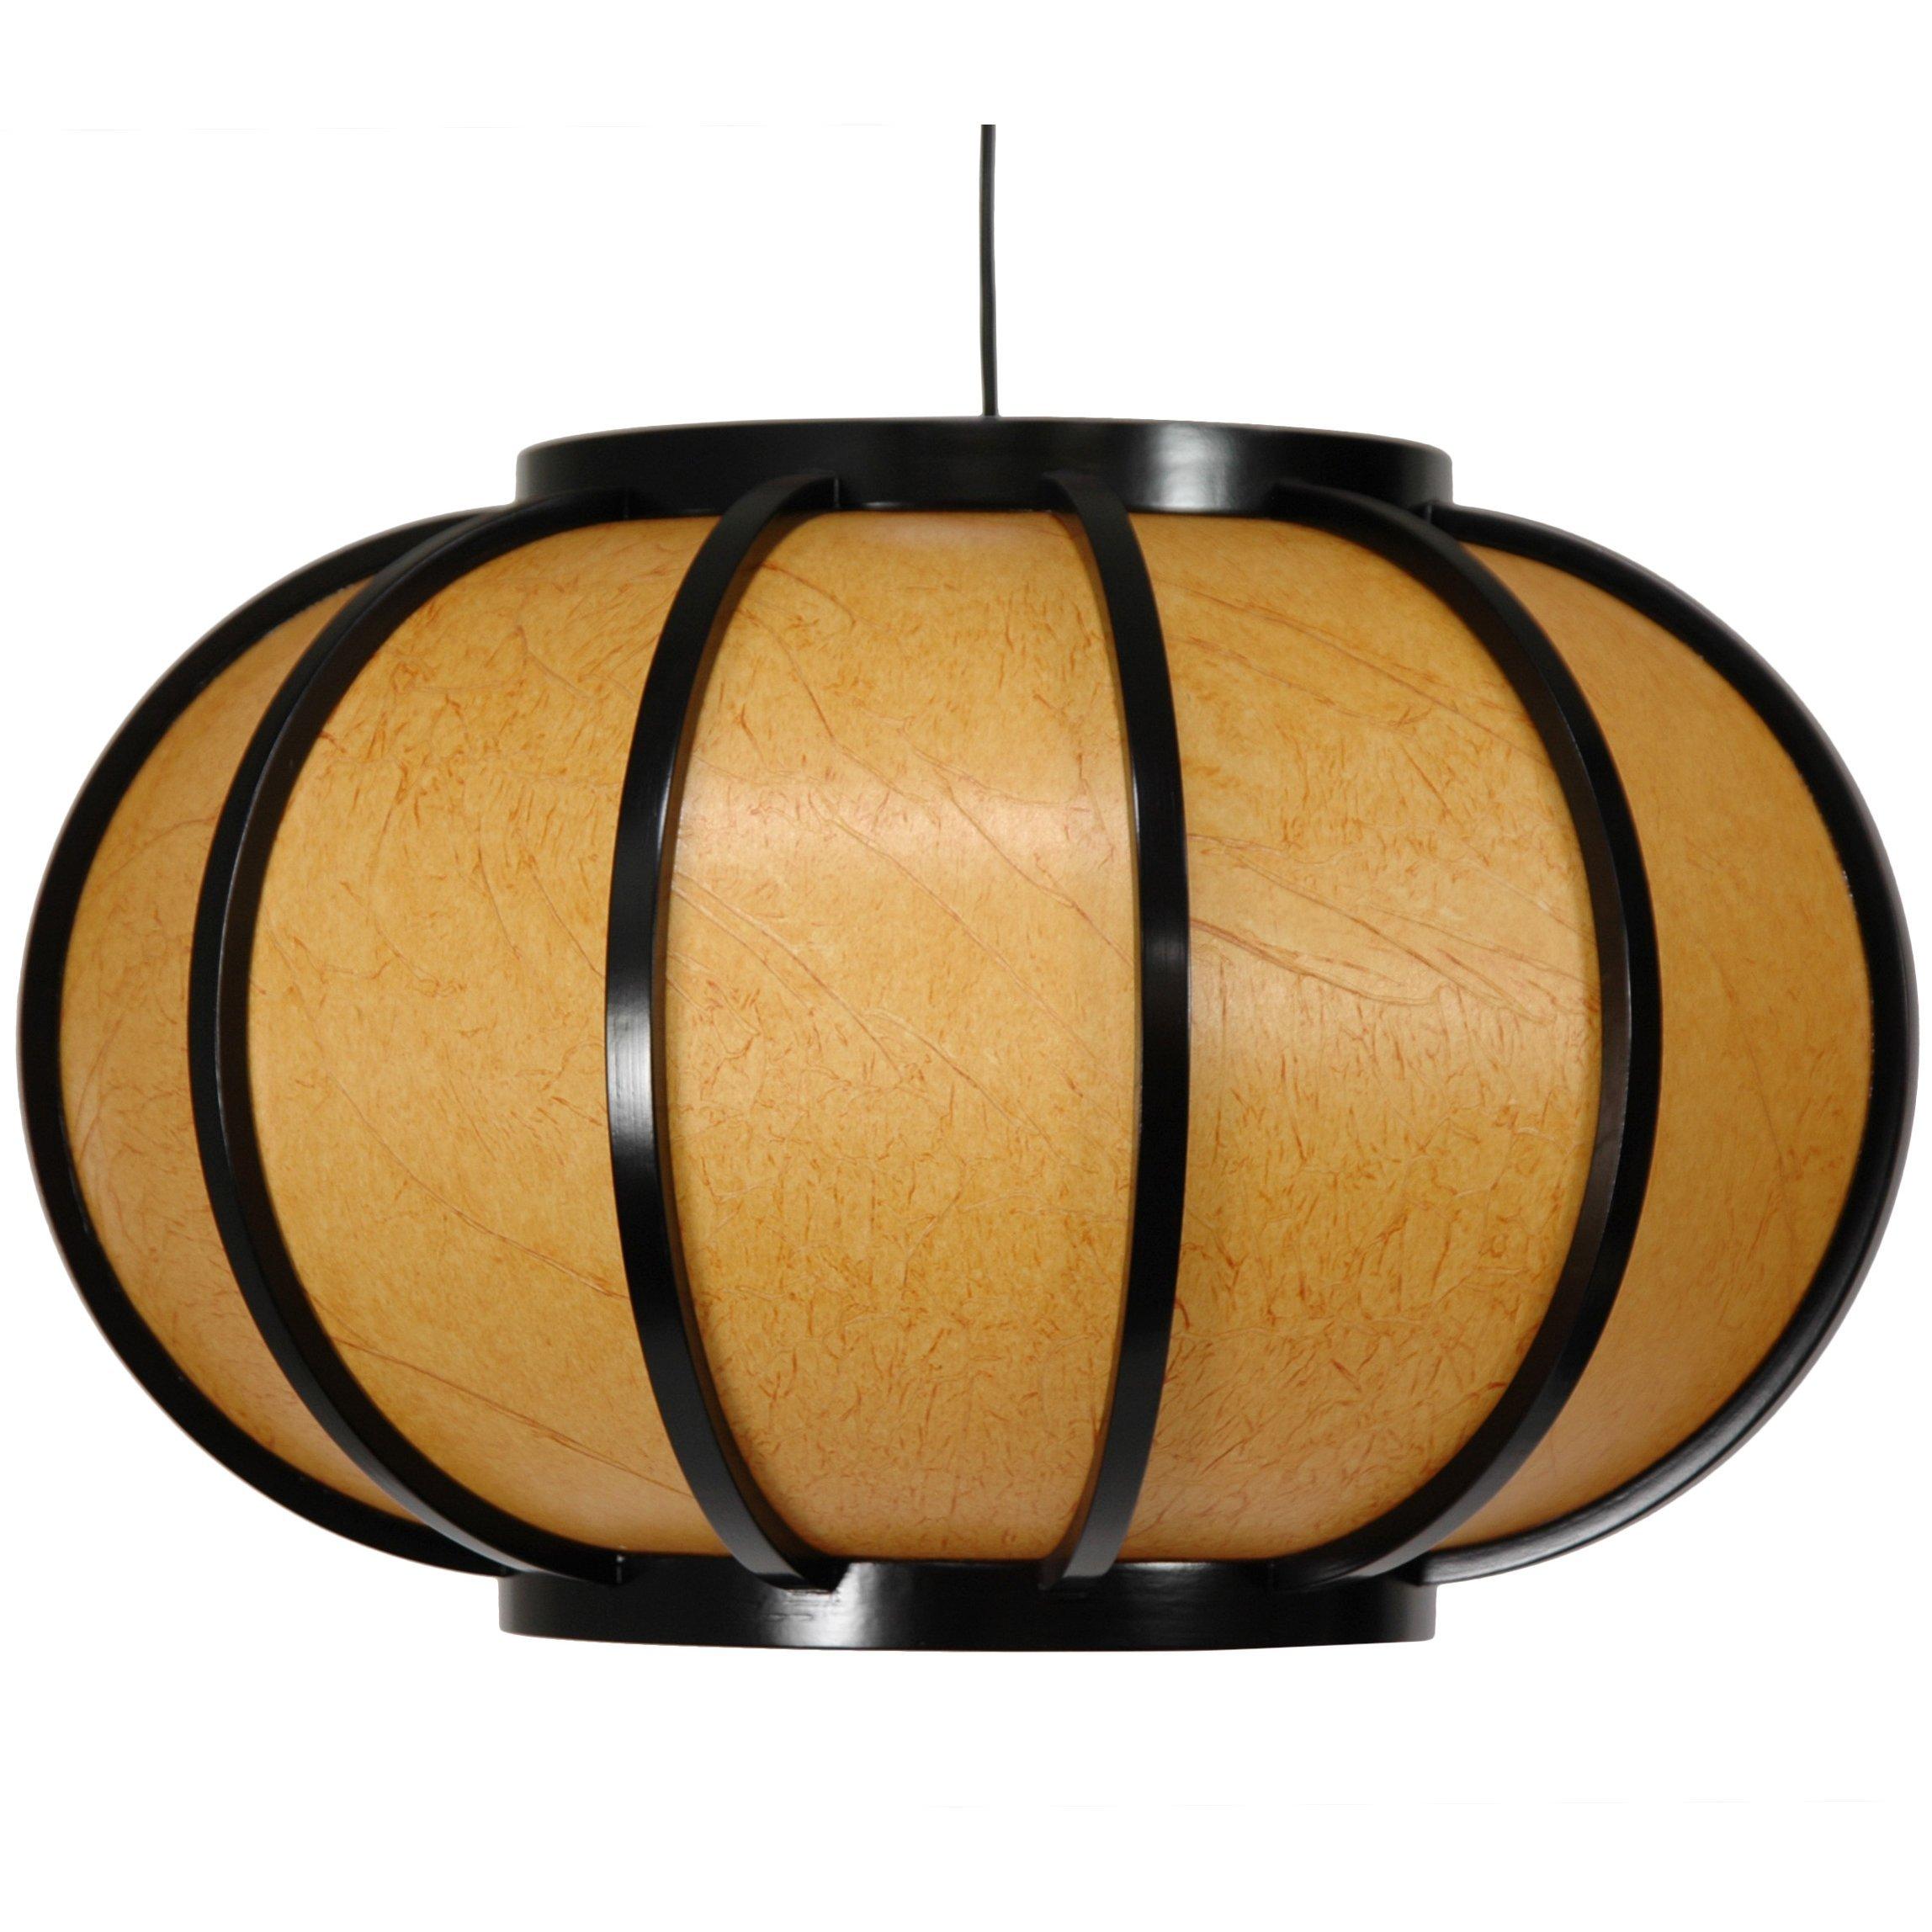 Oriental Furniture Harajuku Hanging Lantern - Black